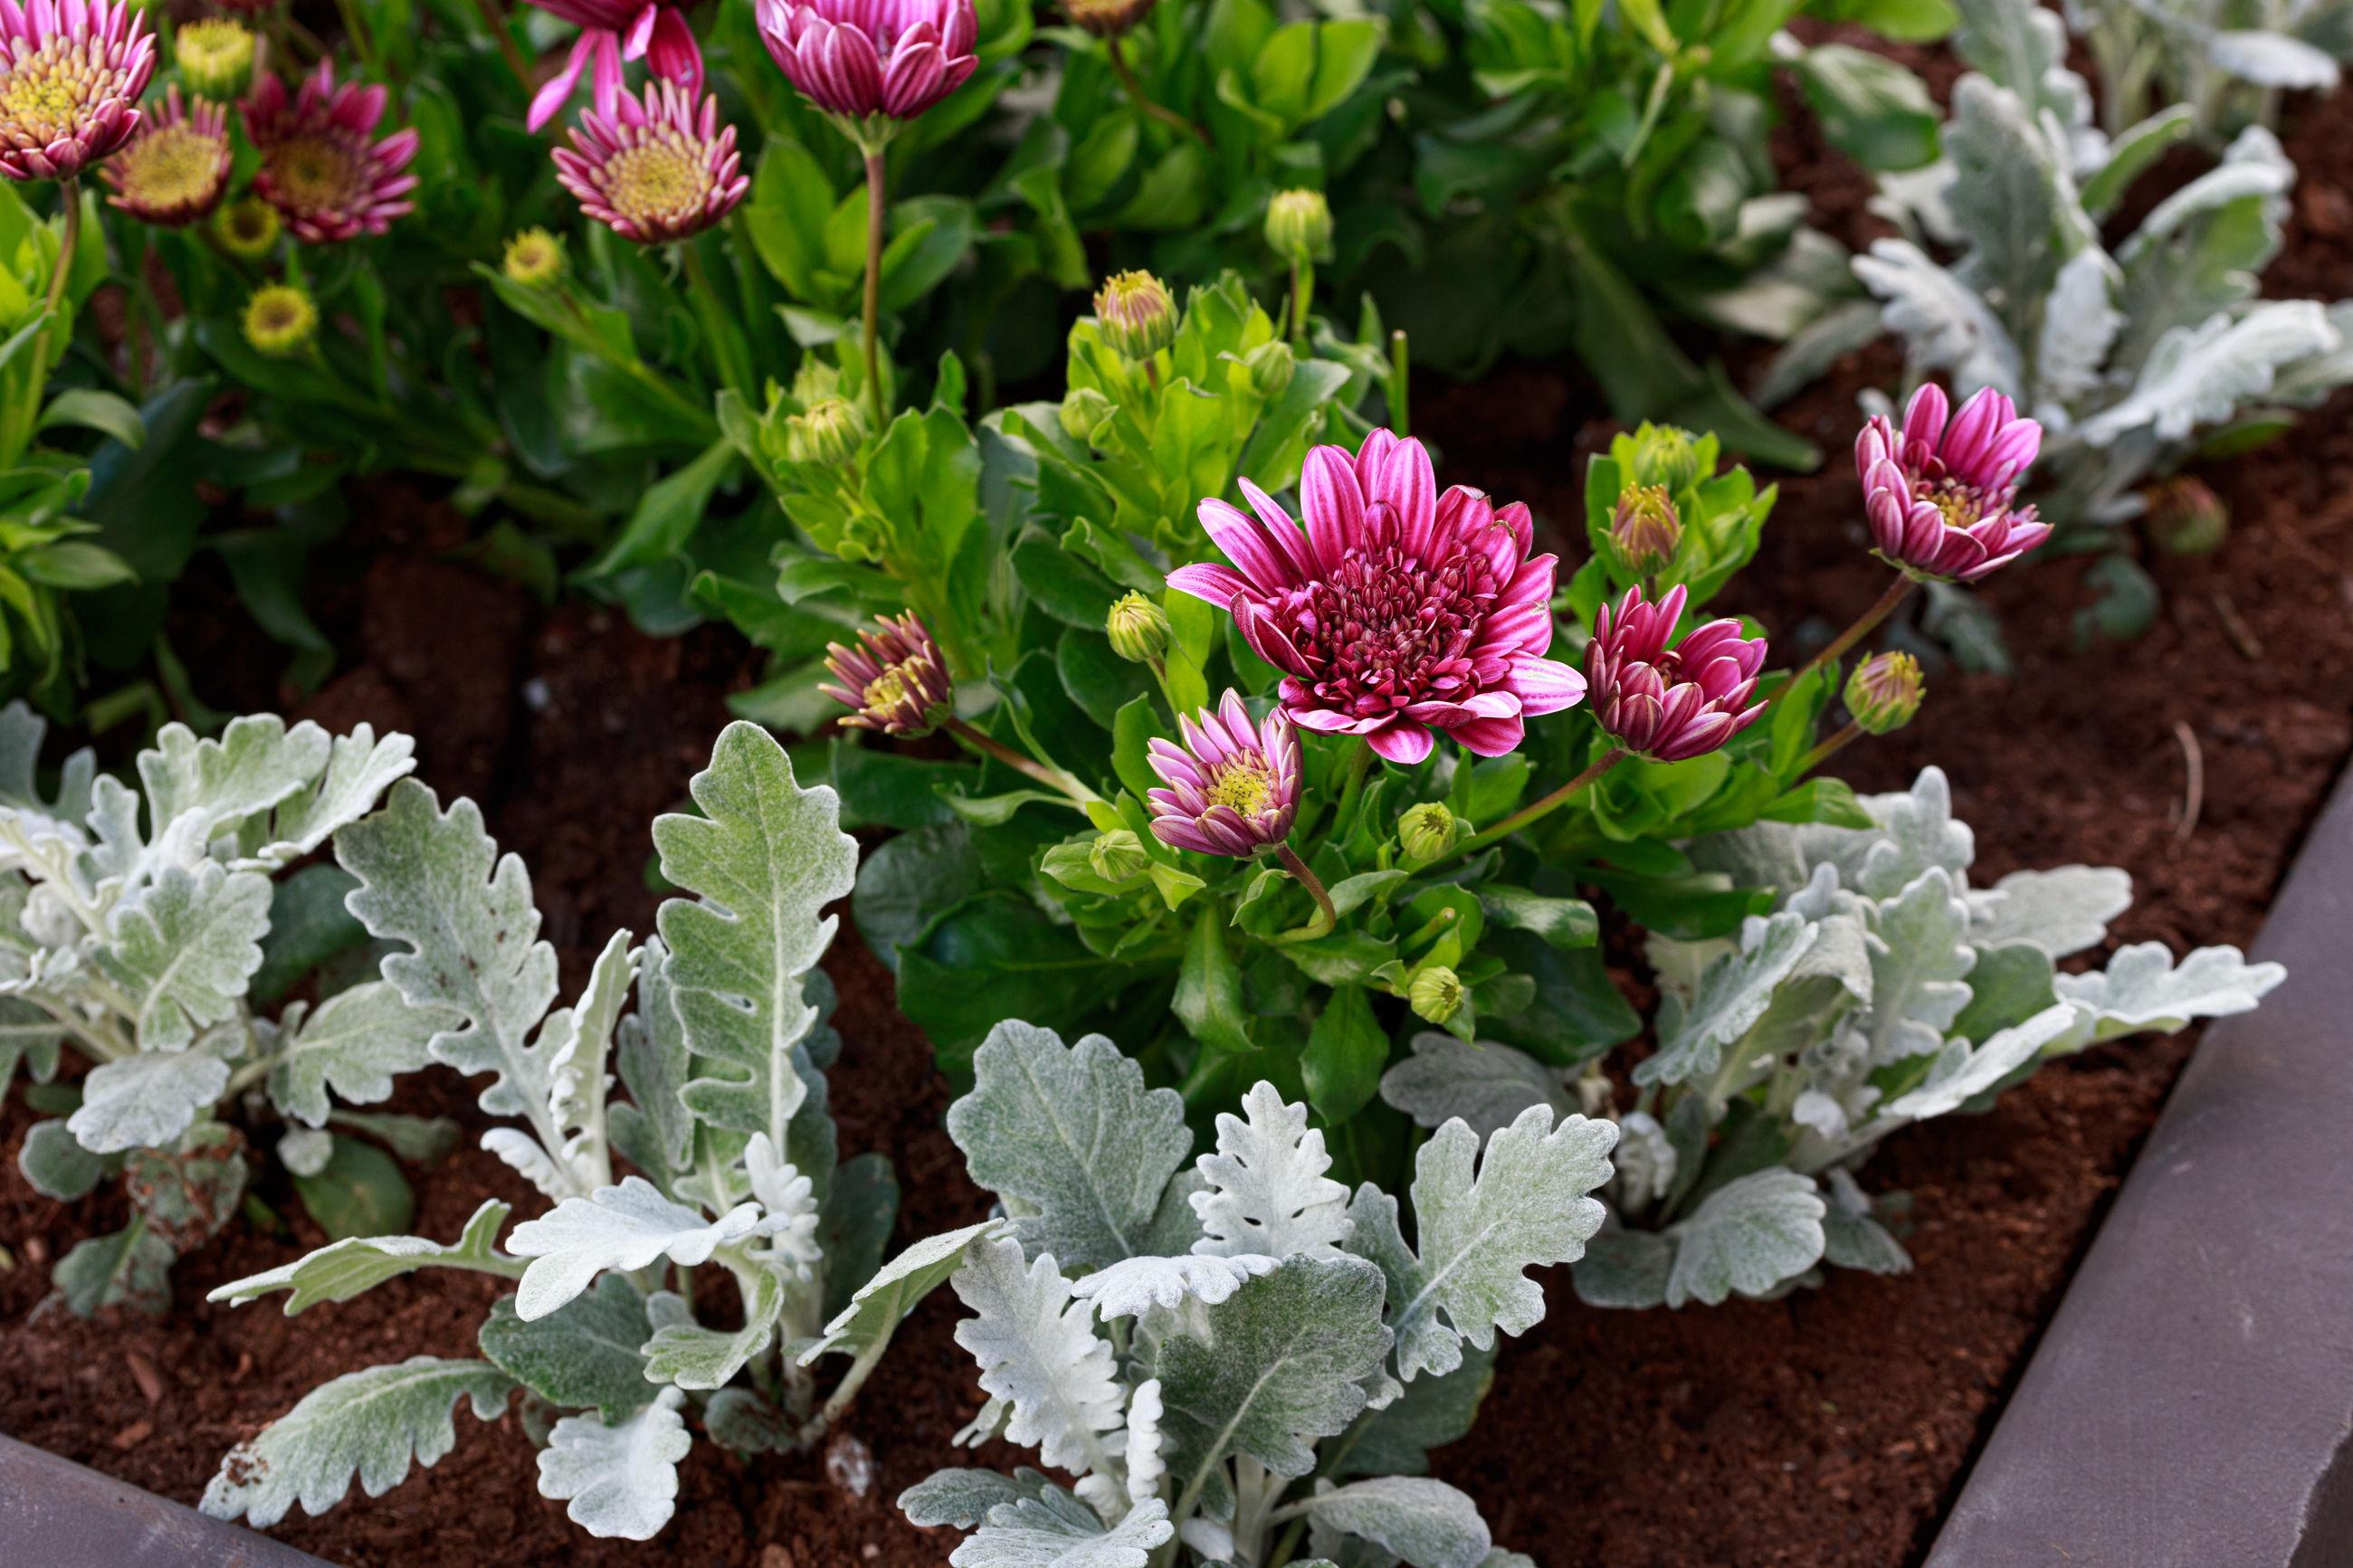 Various plants in the garden